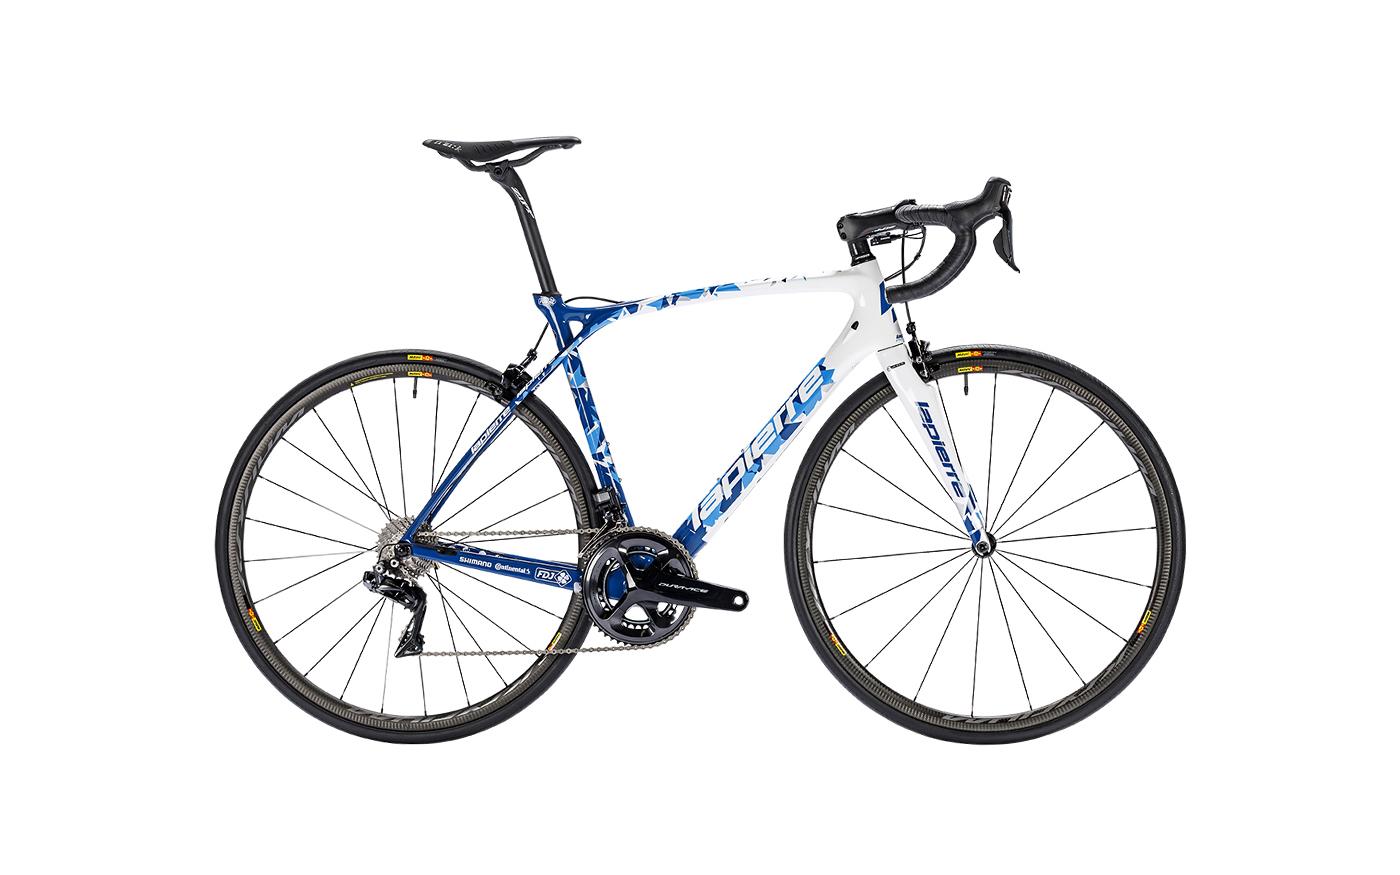 2018 XELIUS SL 900